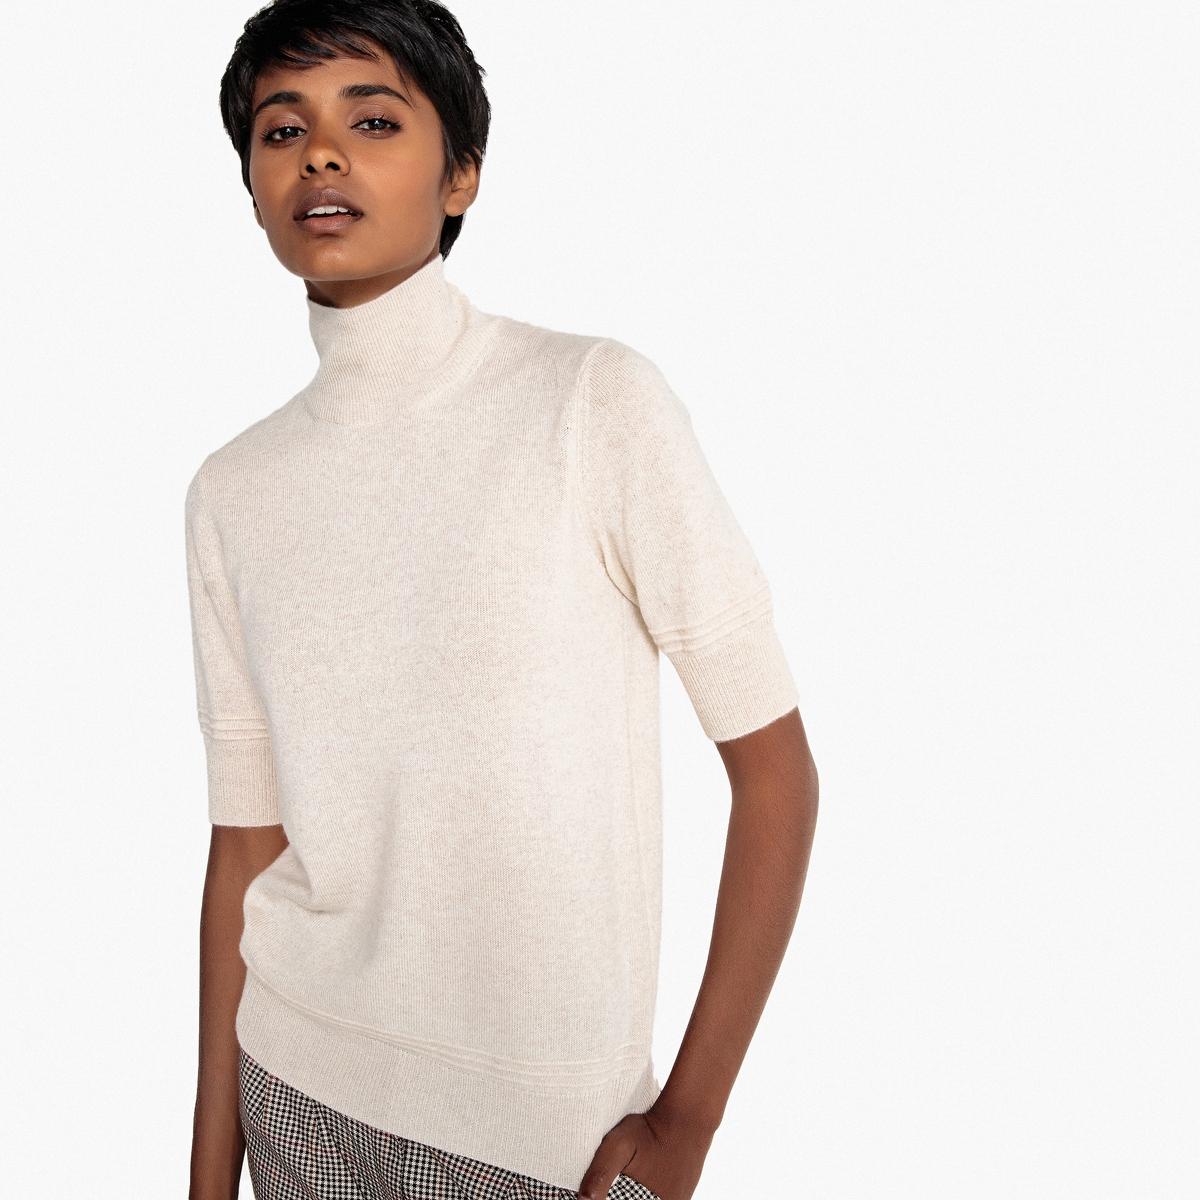 Jersey de cuello alto con manga corta, de cachemir